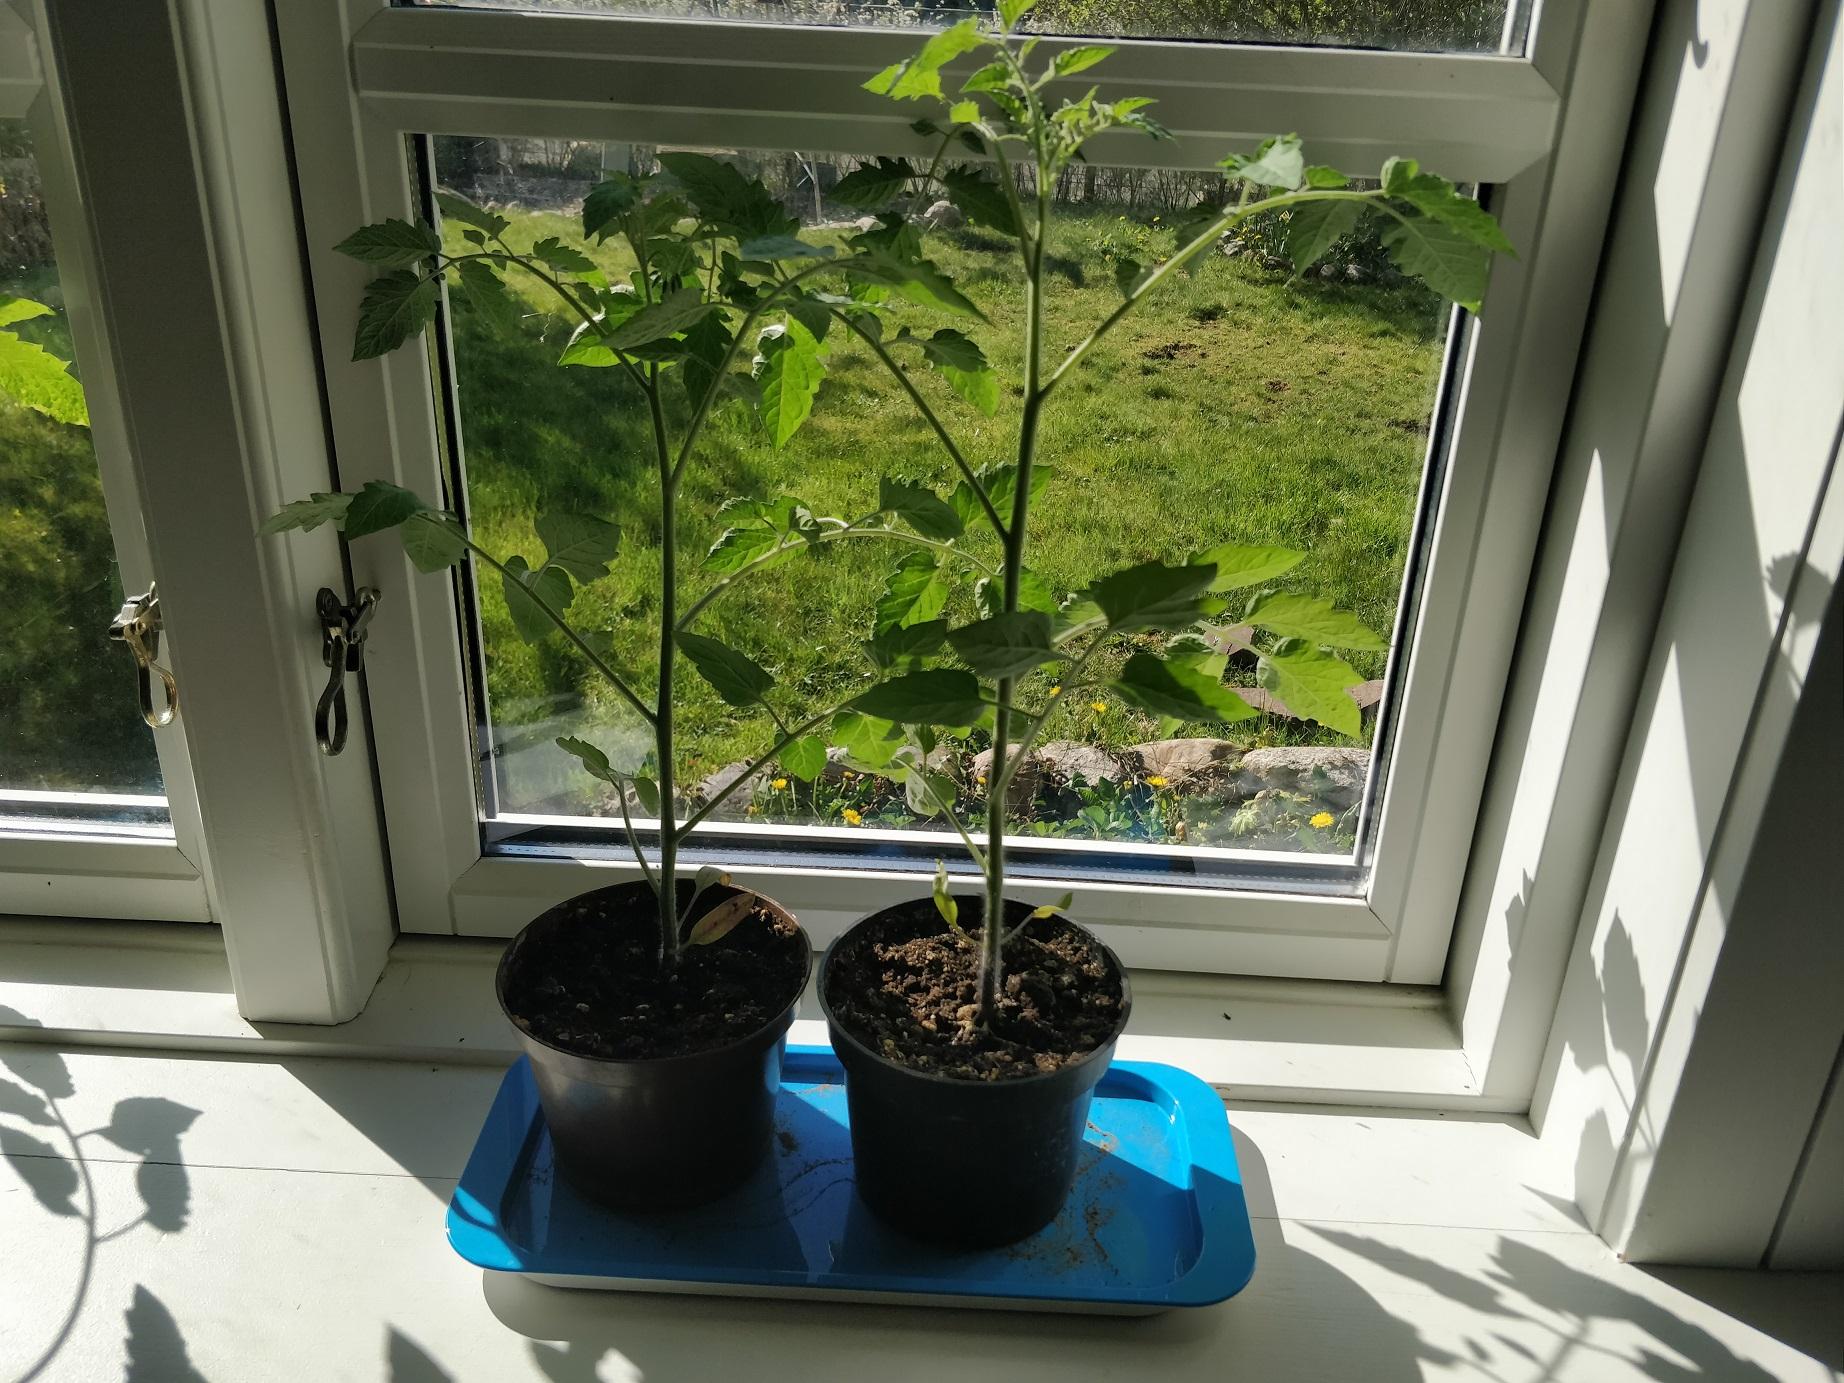 Nu er mine tomatplater snart så store at jeg ikke vil have dem i min vindueskarm mere!